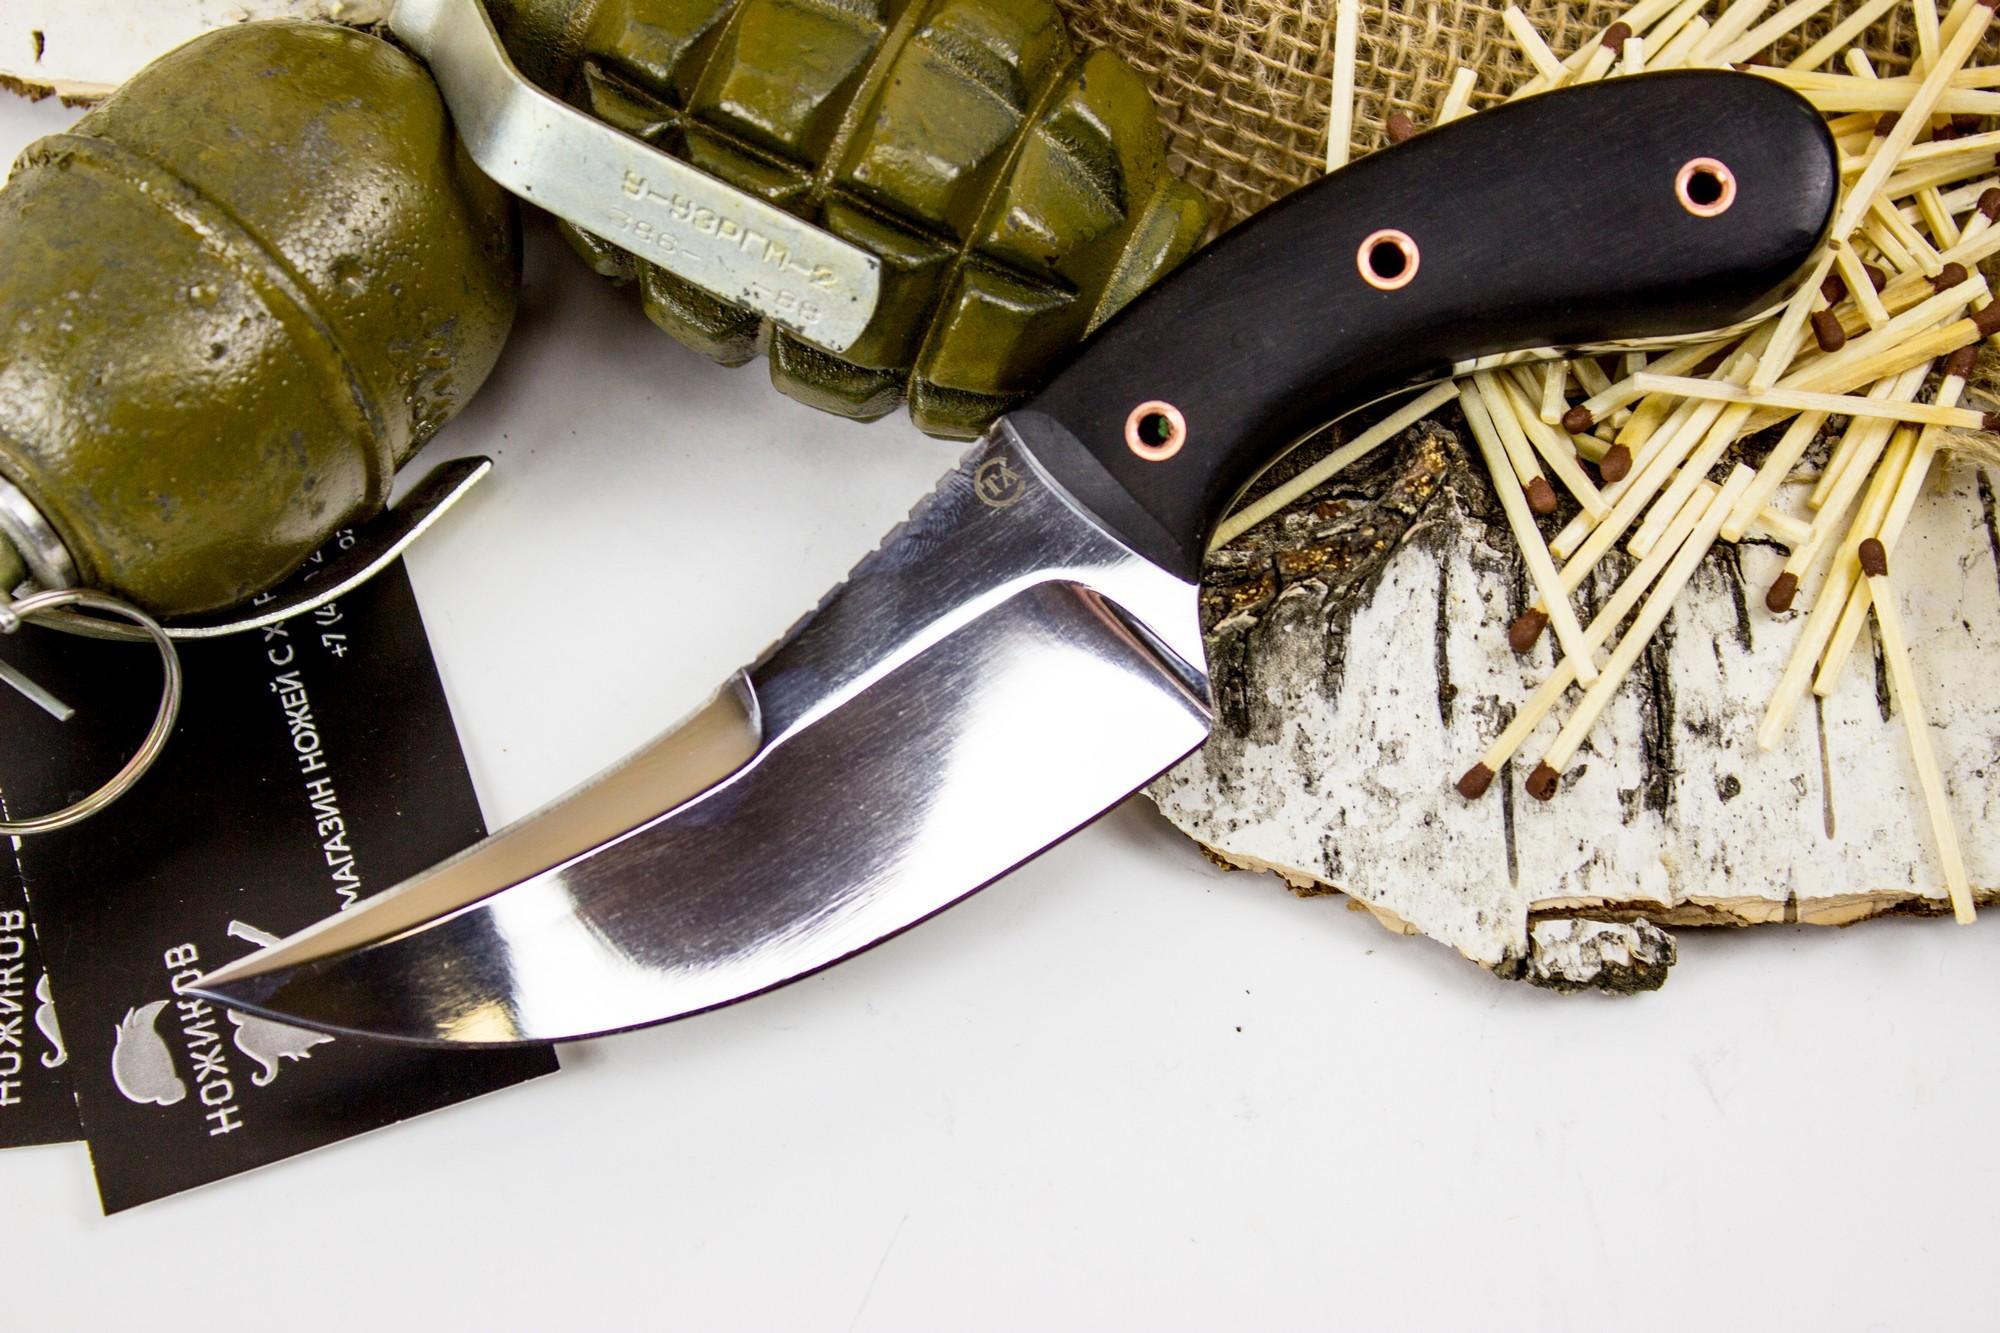 Нож Клык-1, сталь 95х18, дерево от Титов и Солдатова